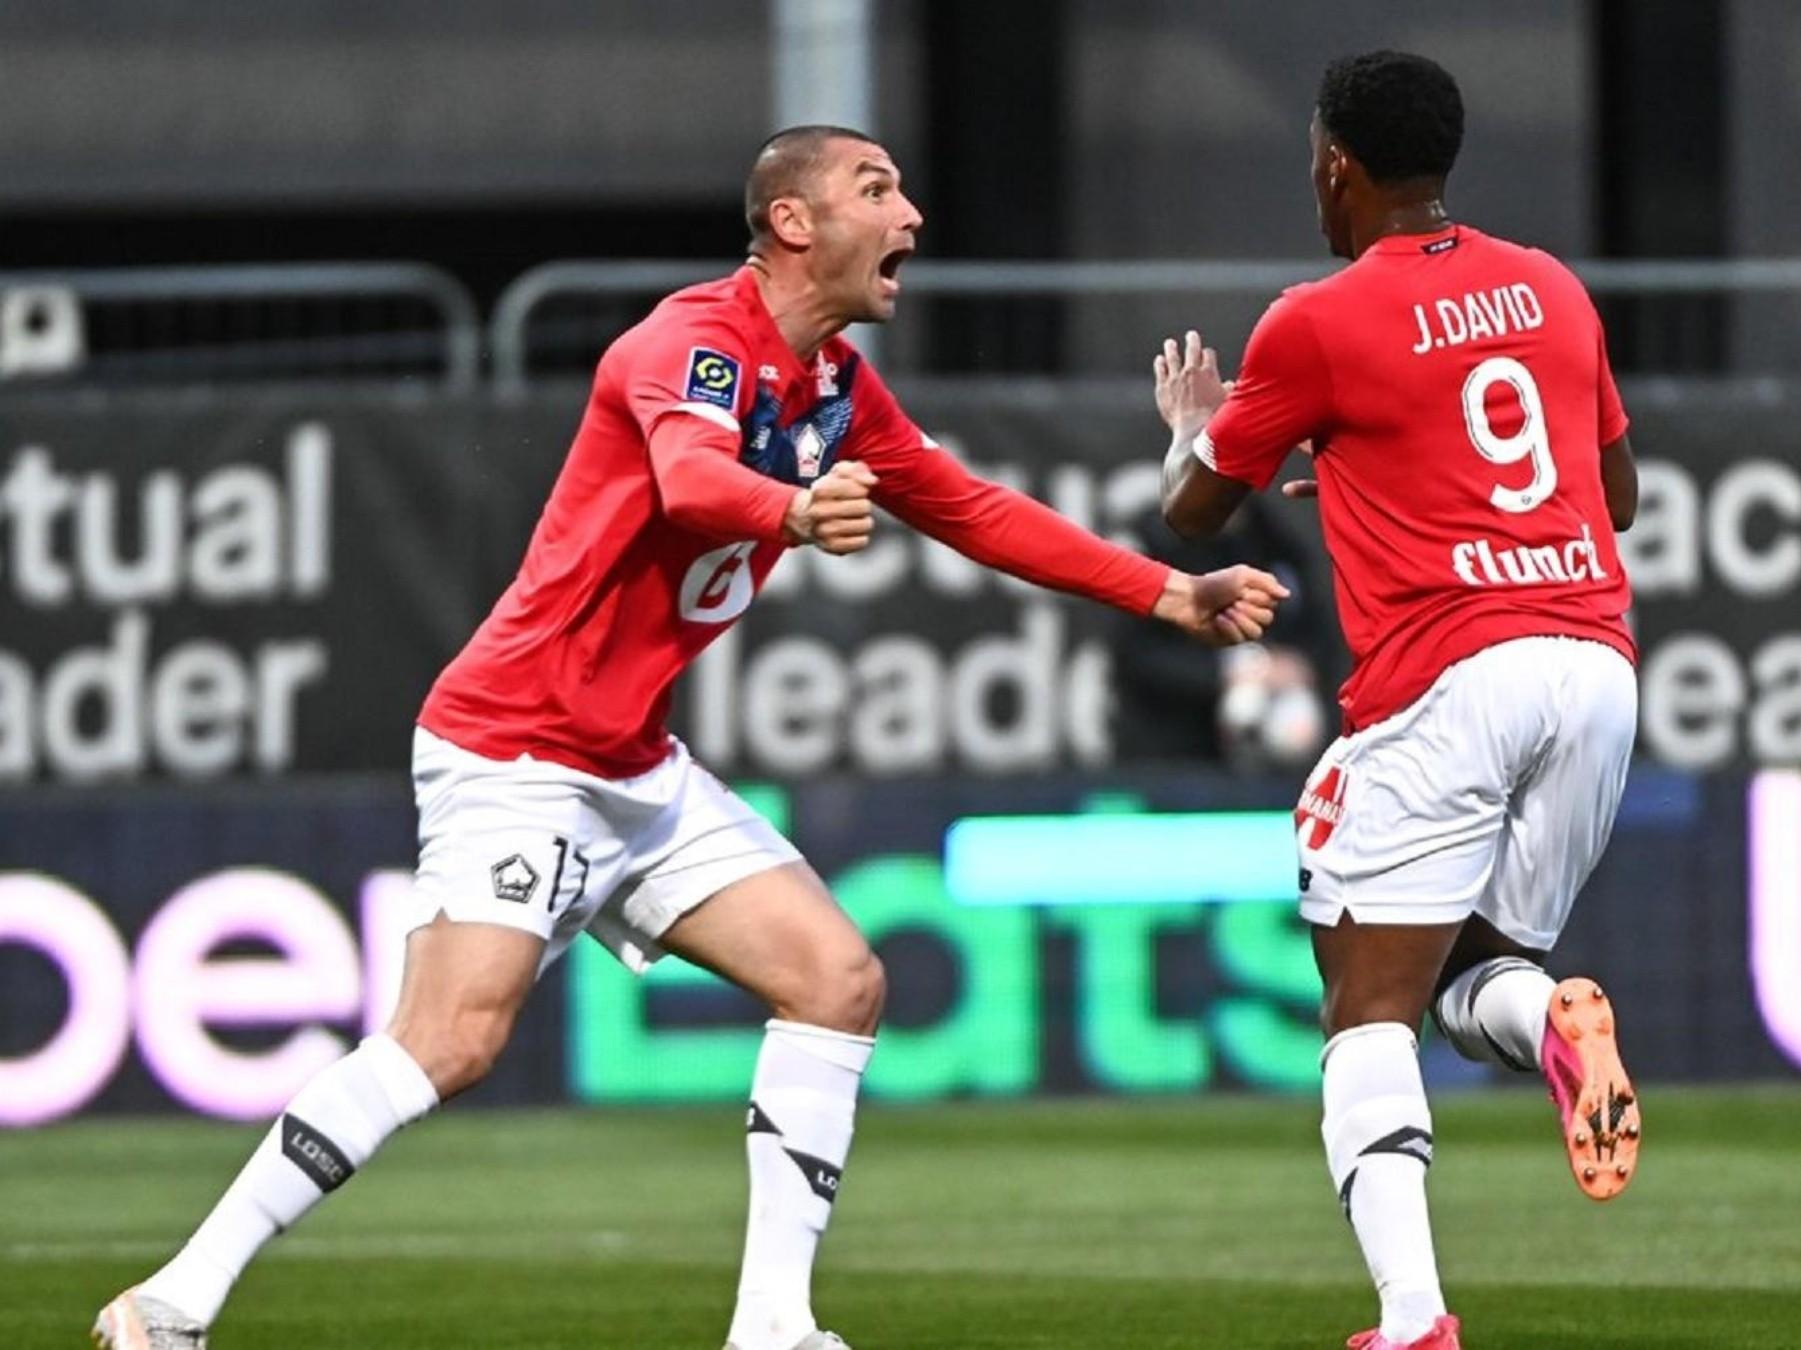 Lille es el nuevo campeón de la Ligue 1 de Francia: venció a Angers y  destronó a PSG, que derrotó a Brest   Bolavip